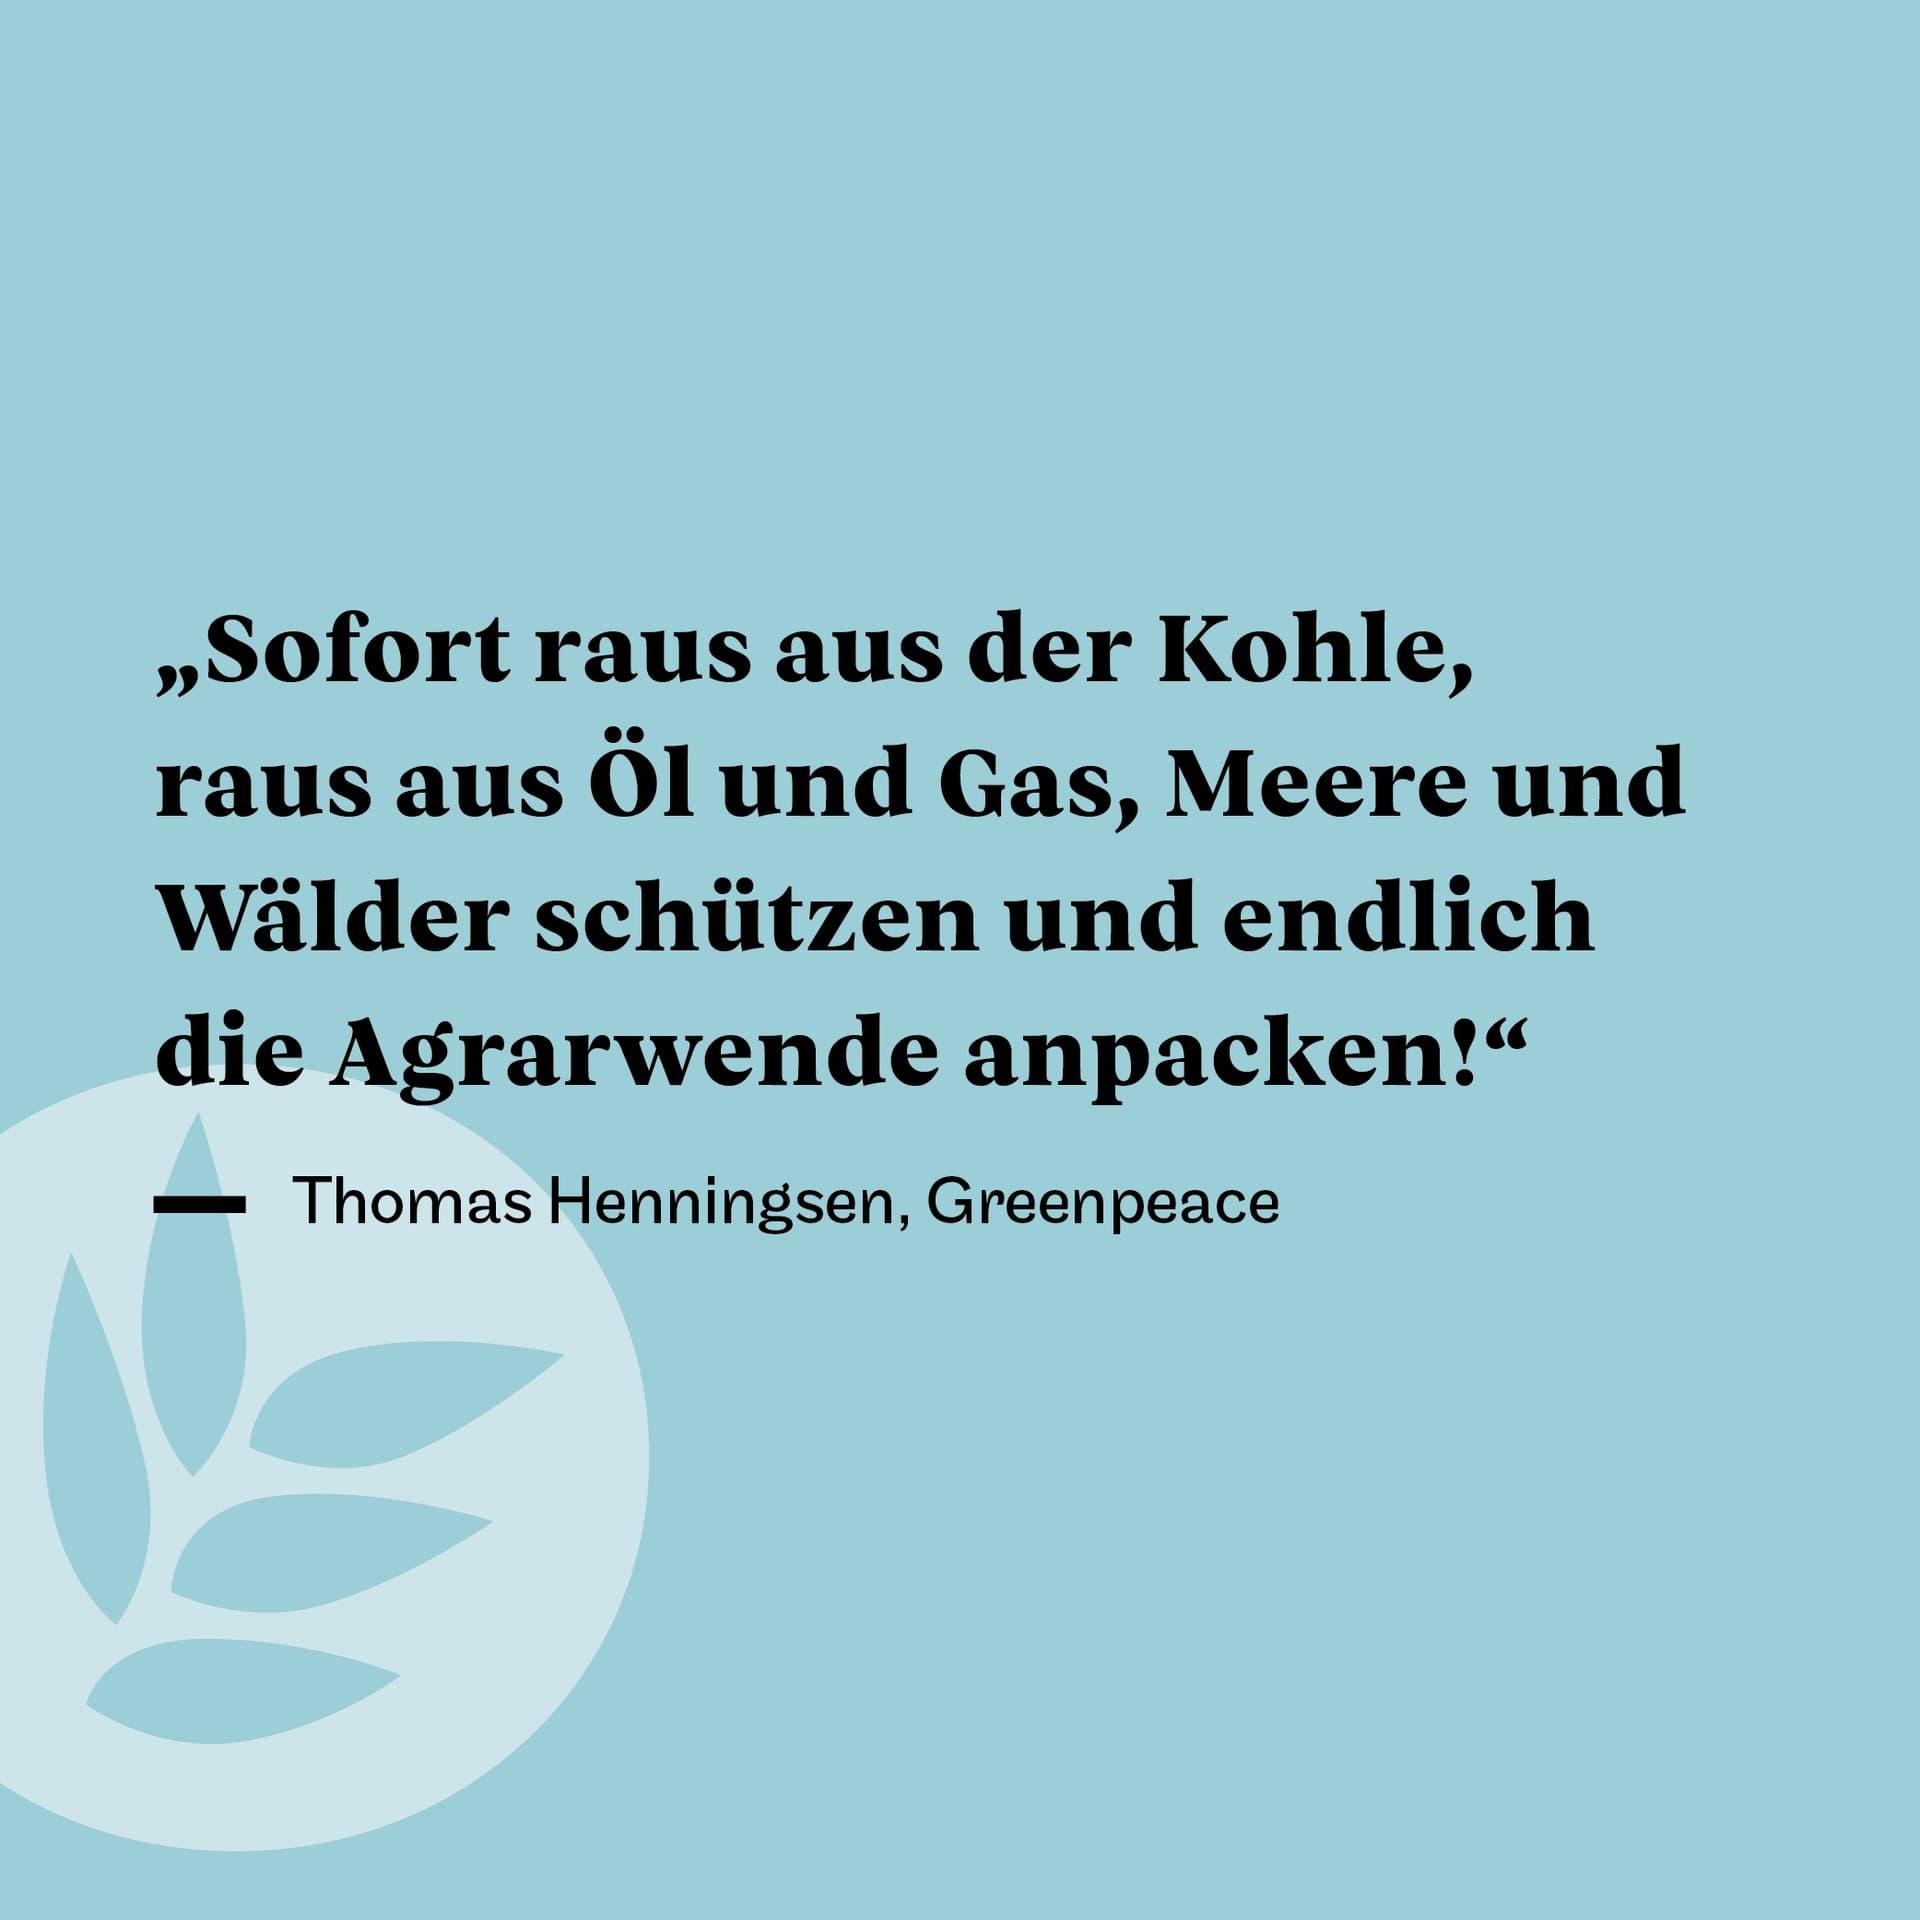 Zitat Thomas Henningsen